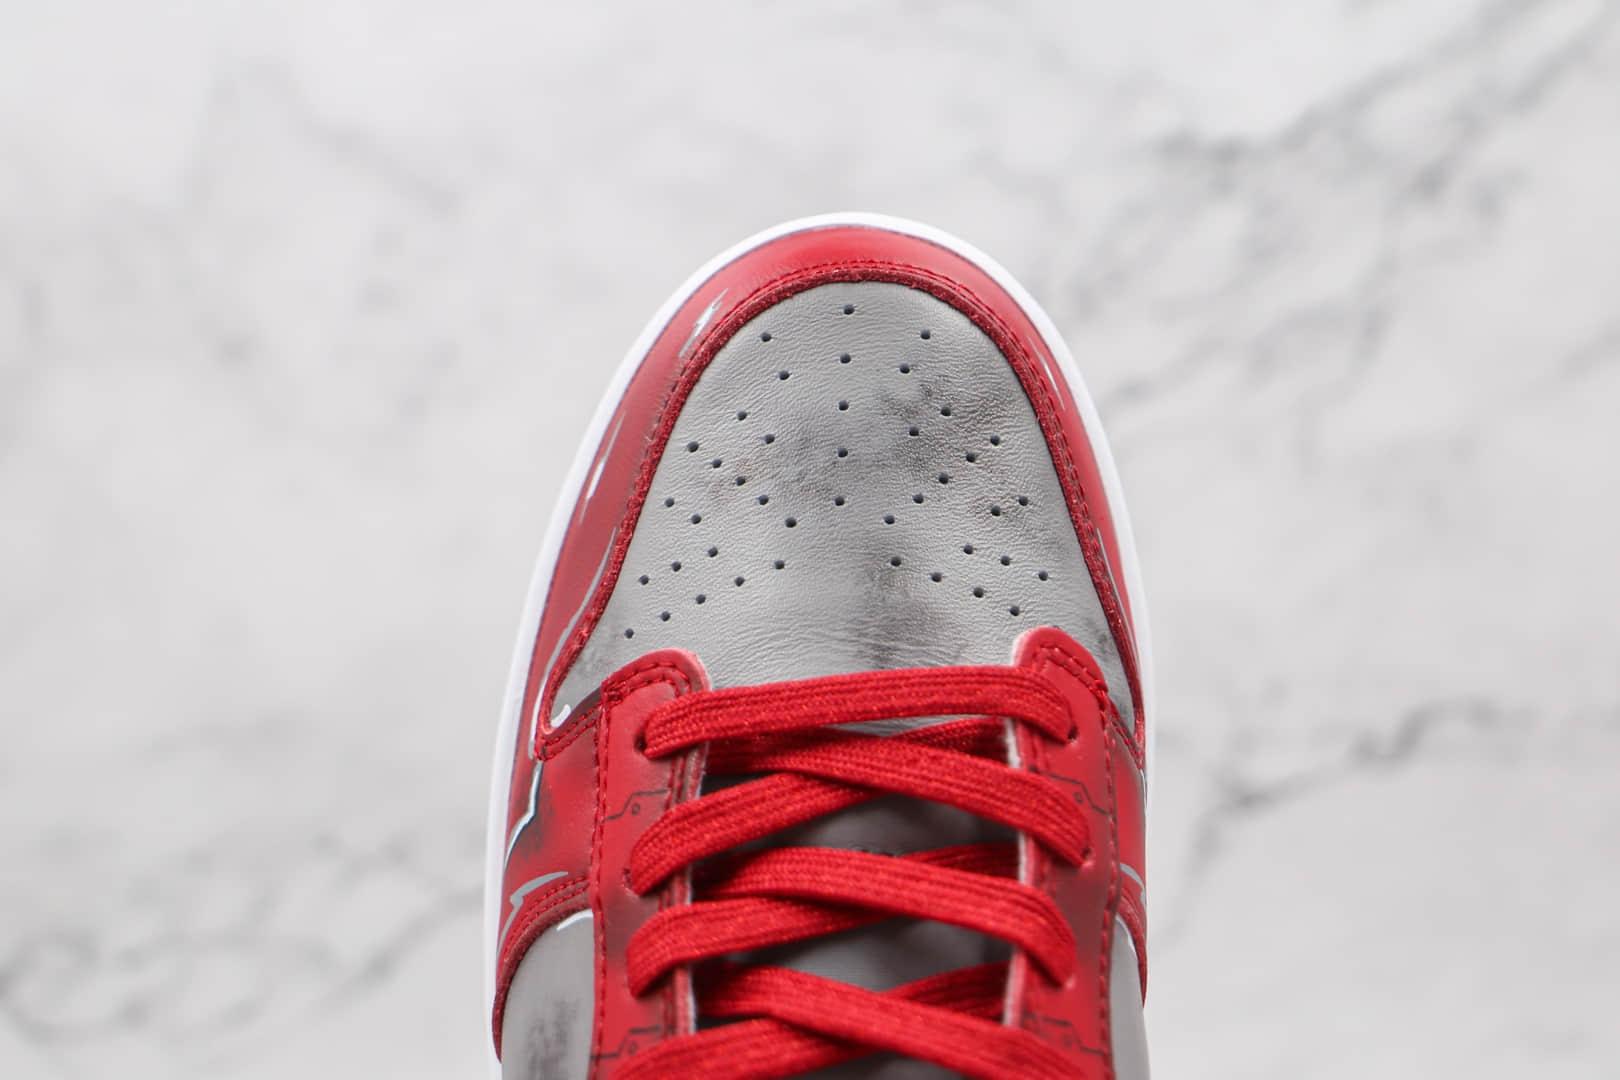 耐克Nike Dunk SB Low UNLV纯原版本低帮SB DUNK钢铁侠灰红色板鞋原档案数据开发 货号:DD1391-002